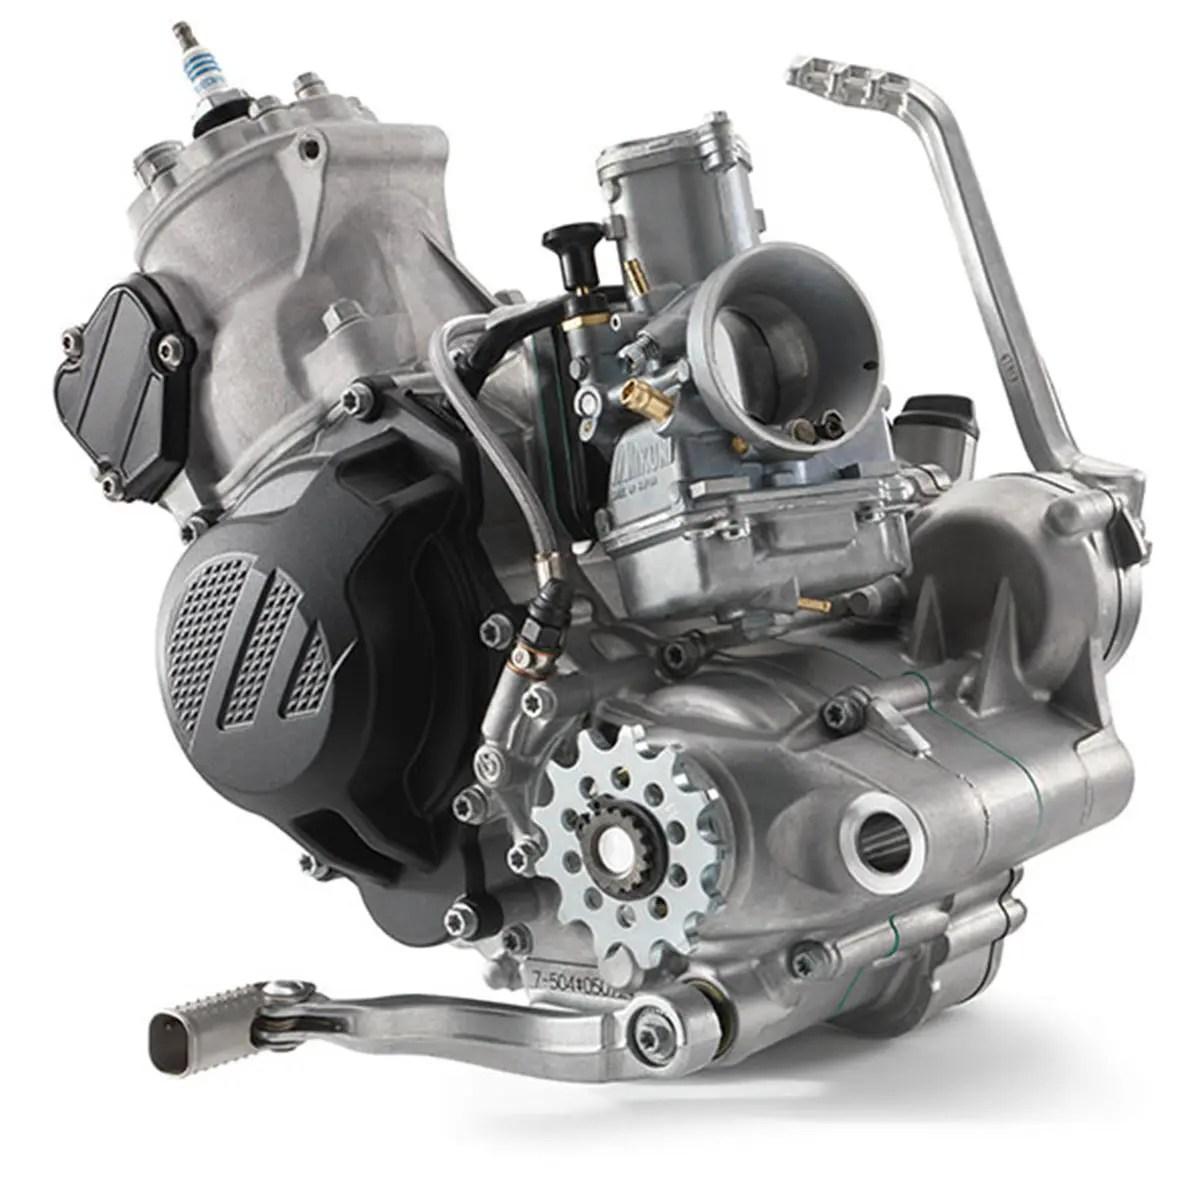 moteur-150-SX-2020